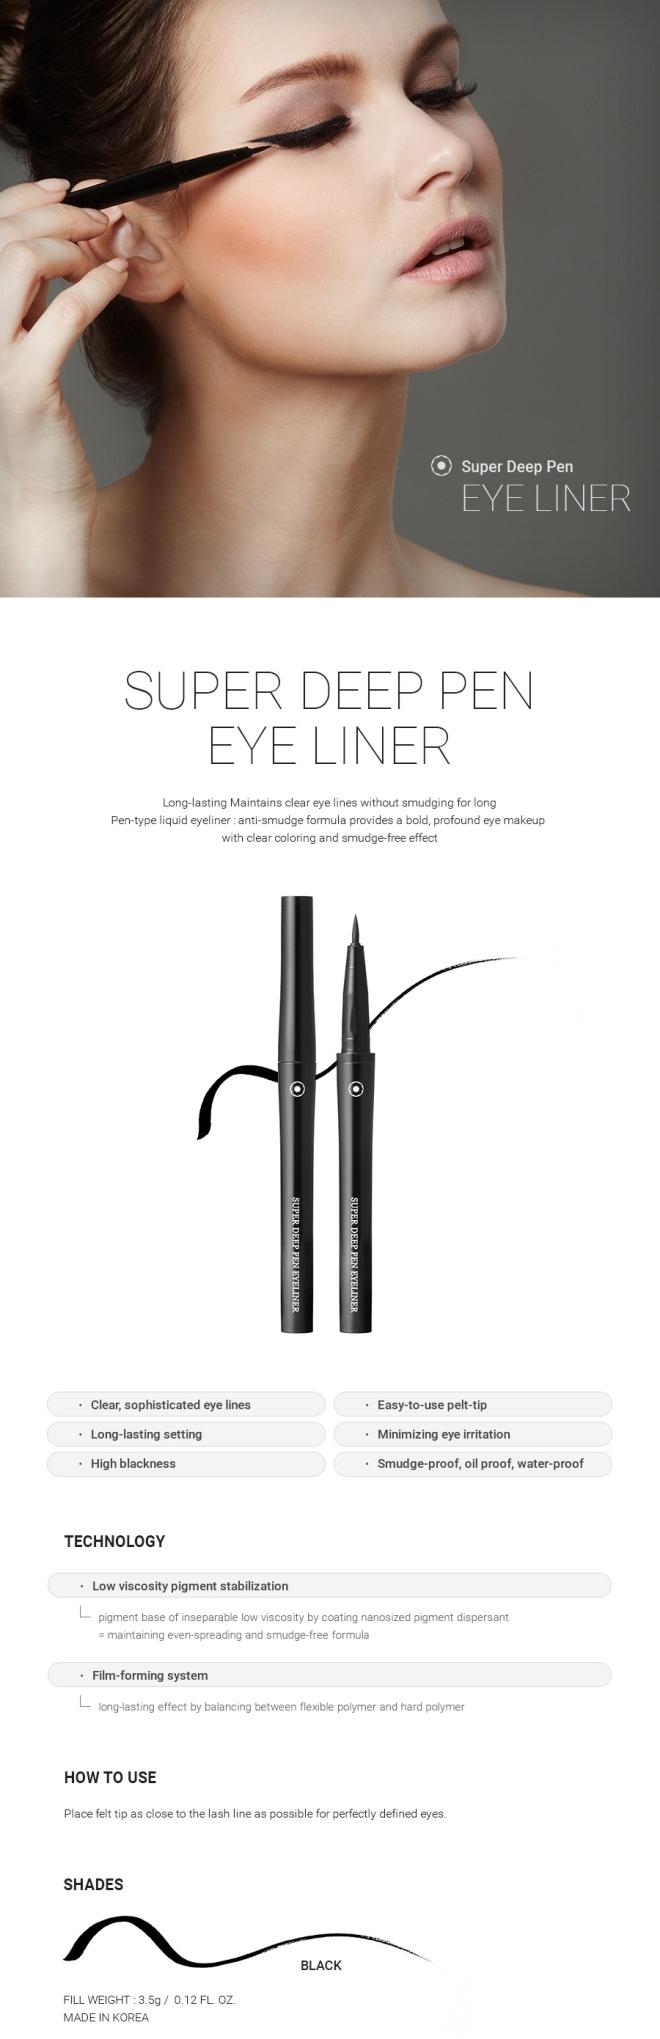 Super Deep Pen Eyeliner (Black) - 02